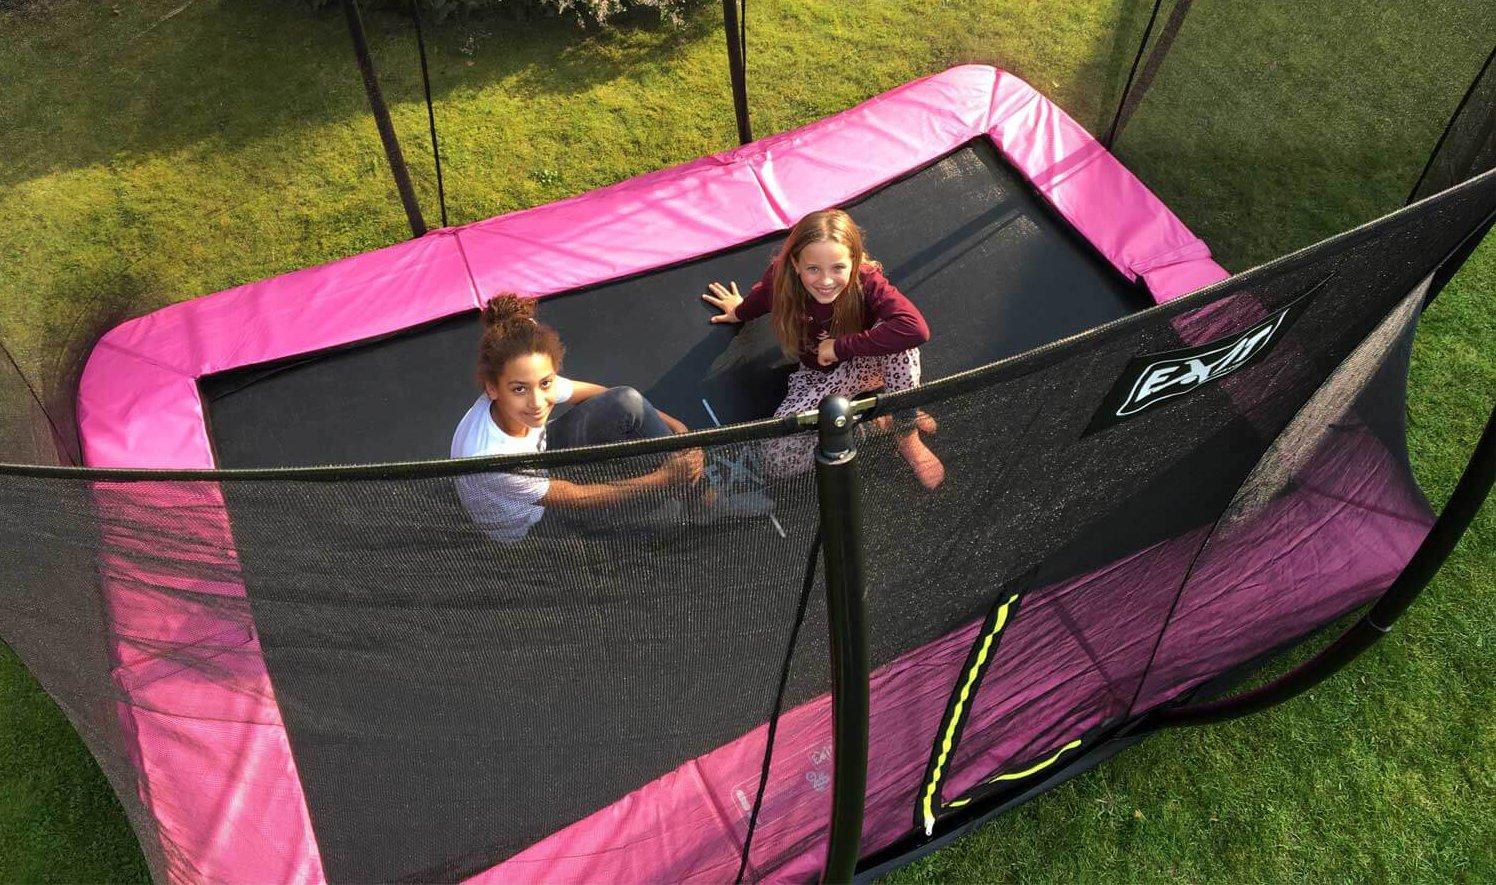 EXIT Silhouette Bodentrampolin – unser AUGUST Einkauftipp - trampolin-profi.de